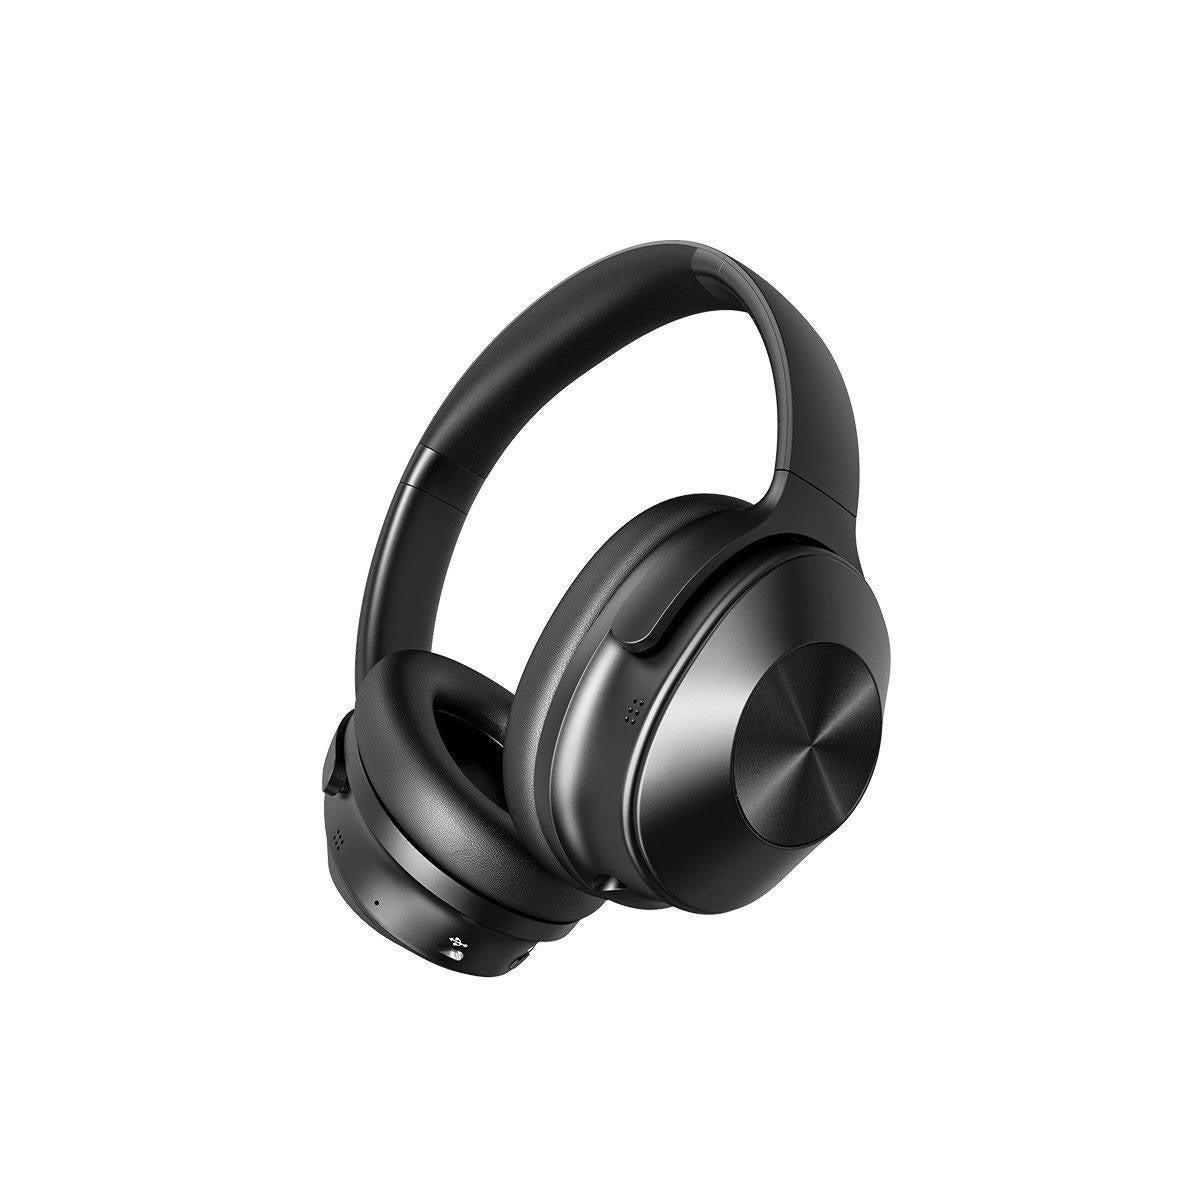 Oneodio A9 Wireless Headphones